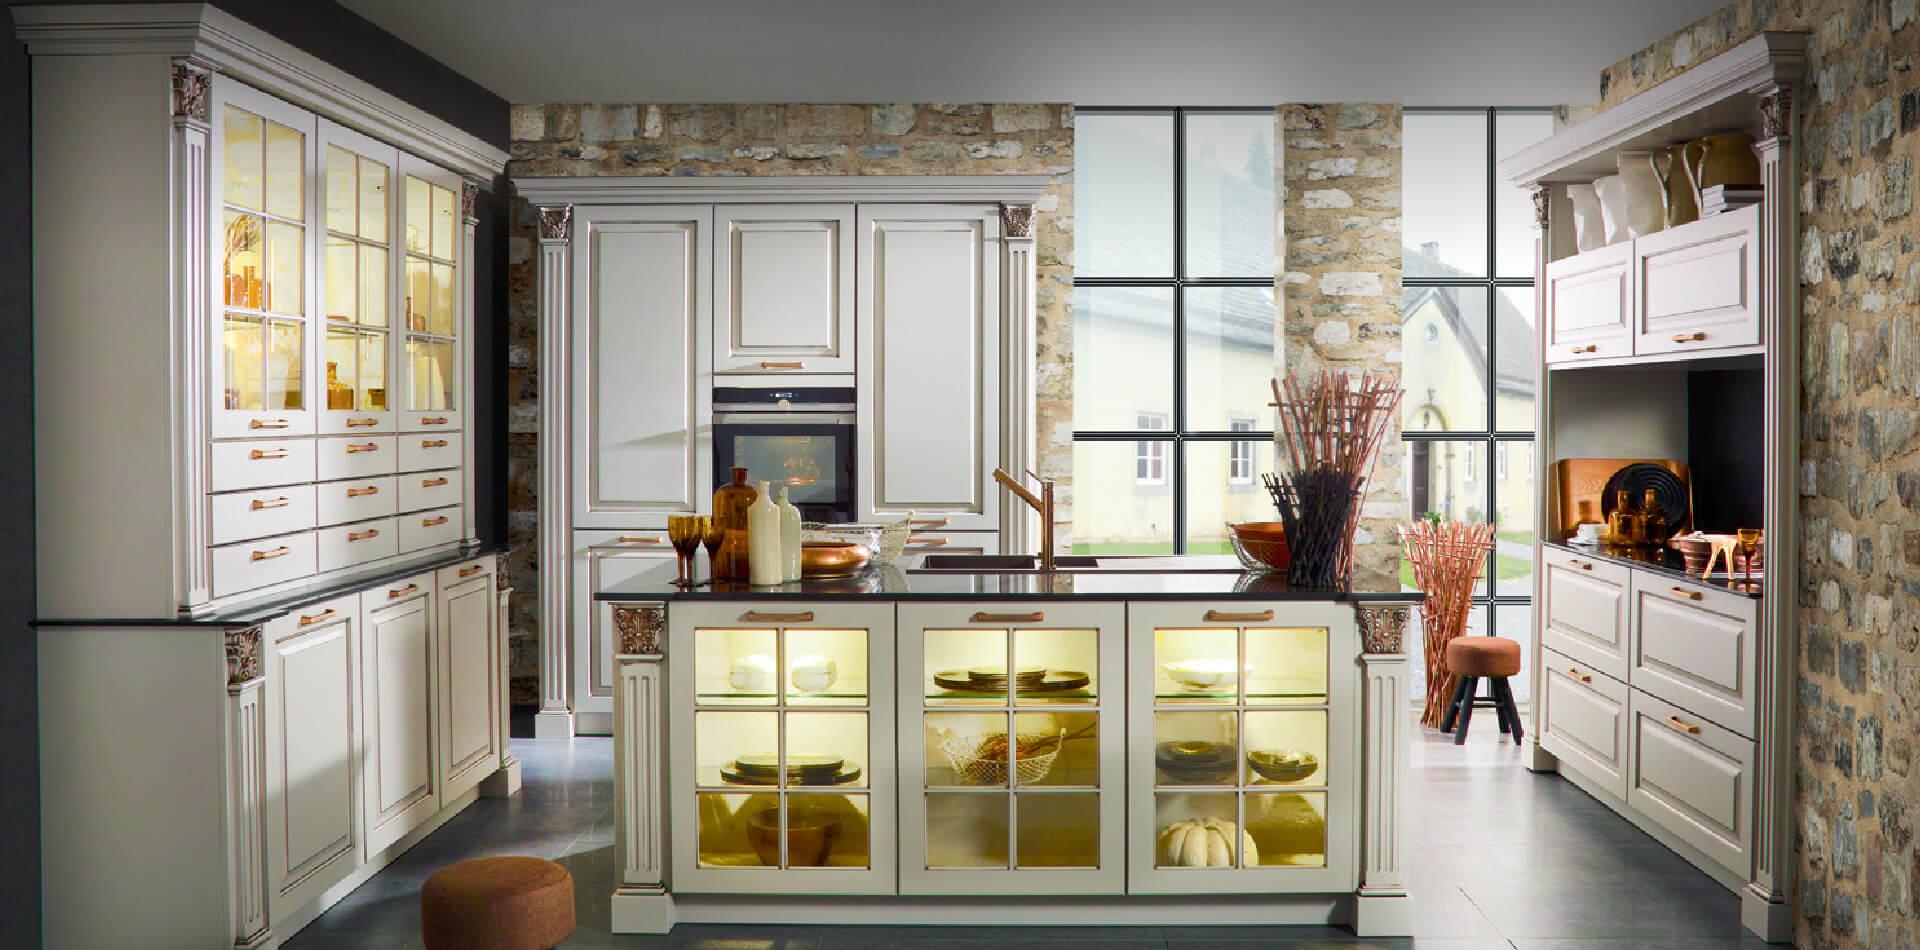 Bauformatkitchens custom kitchen design